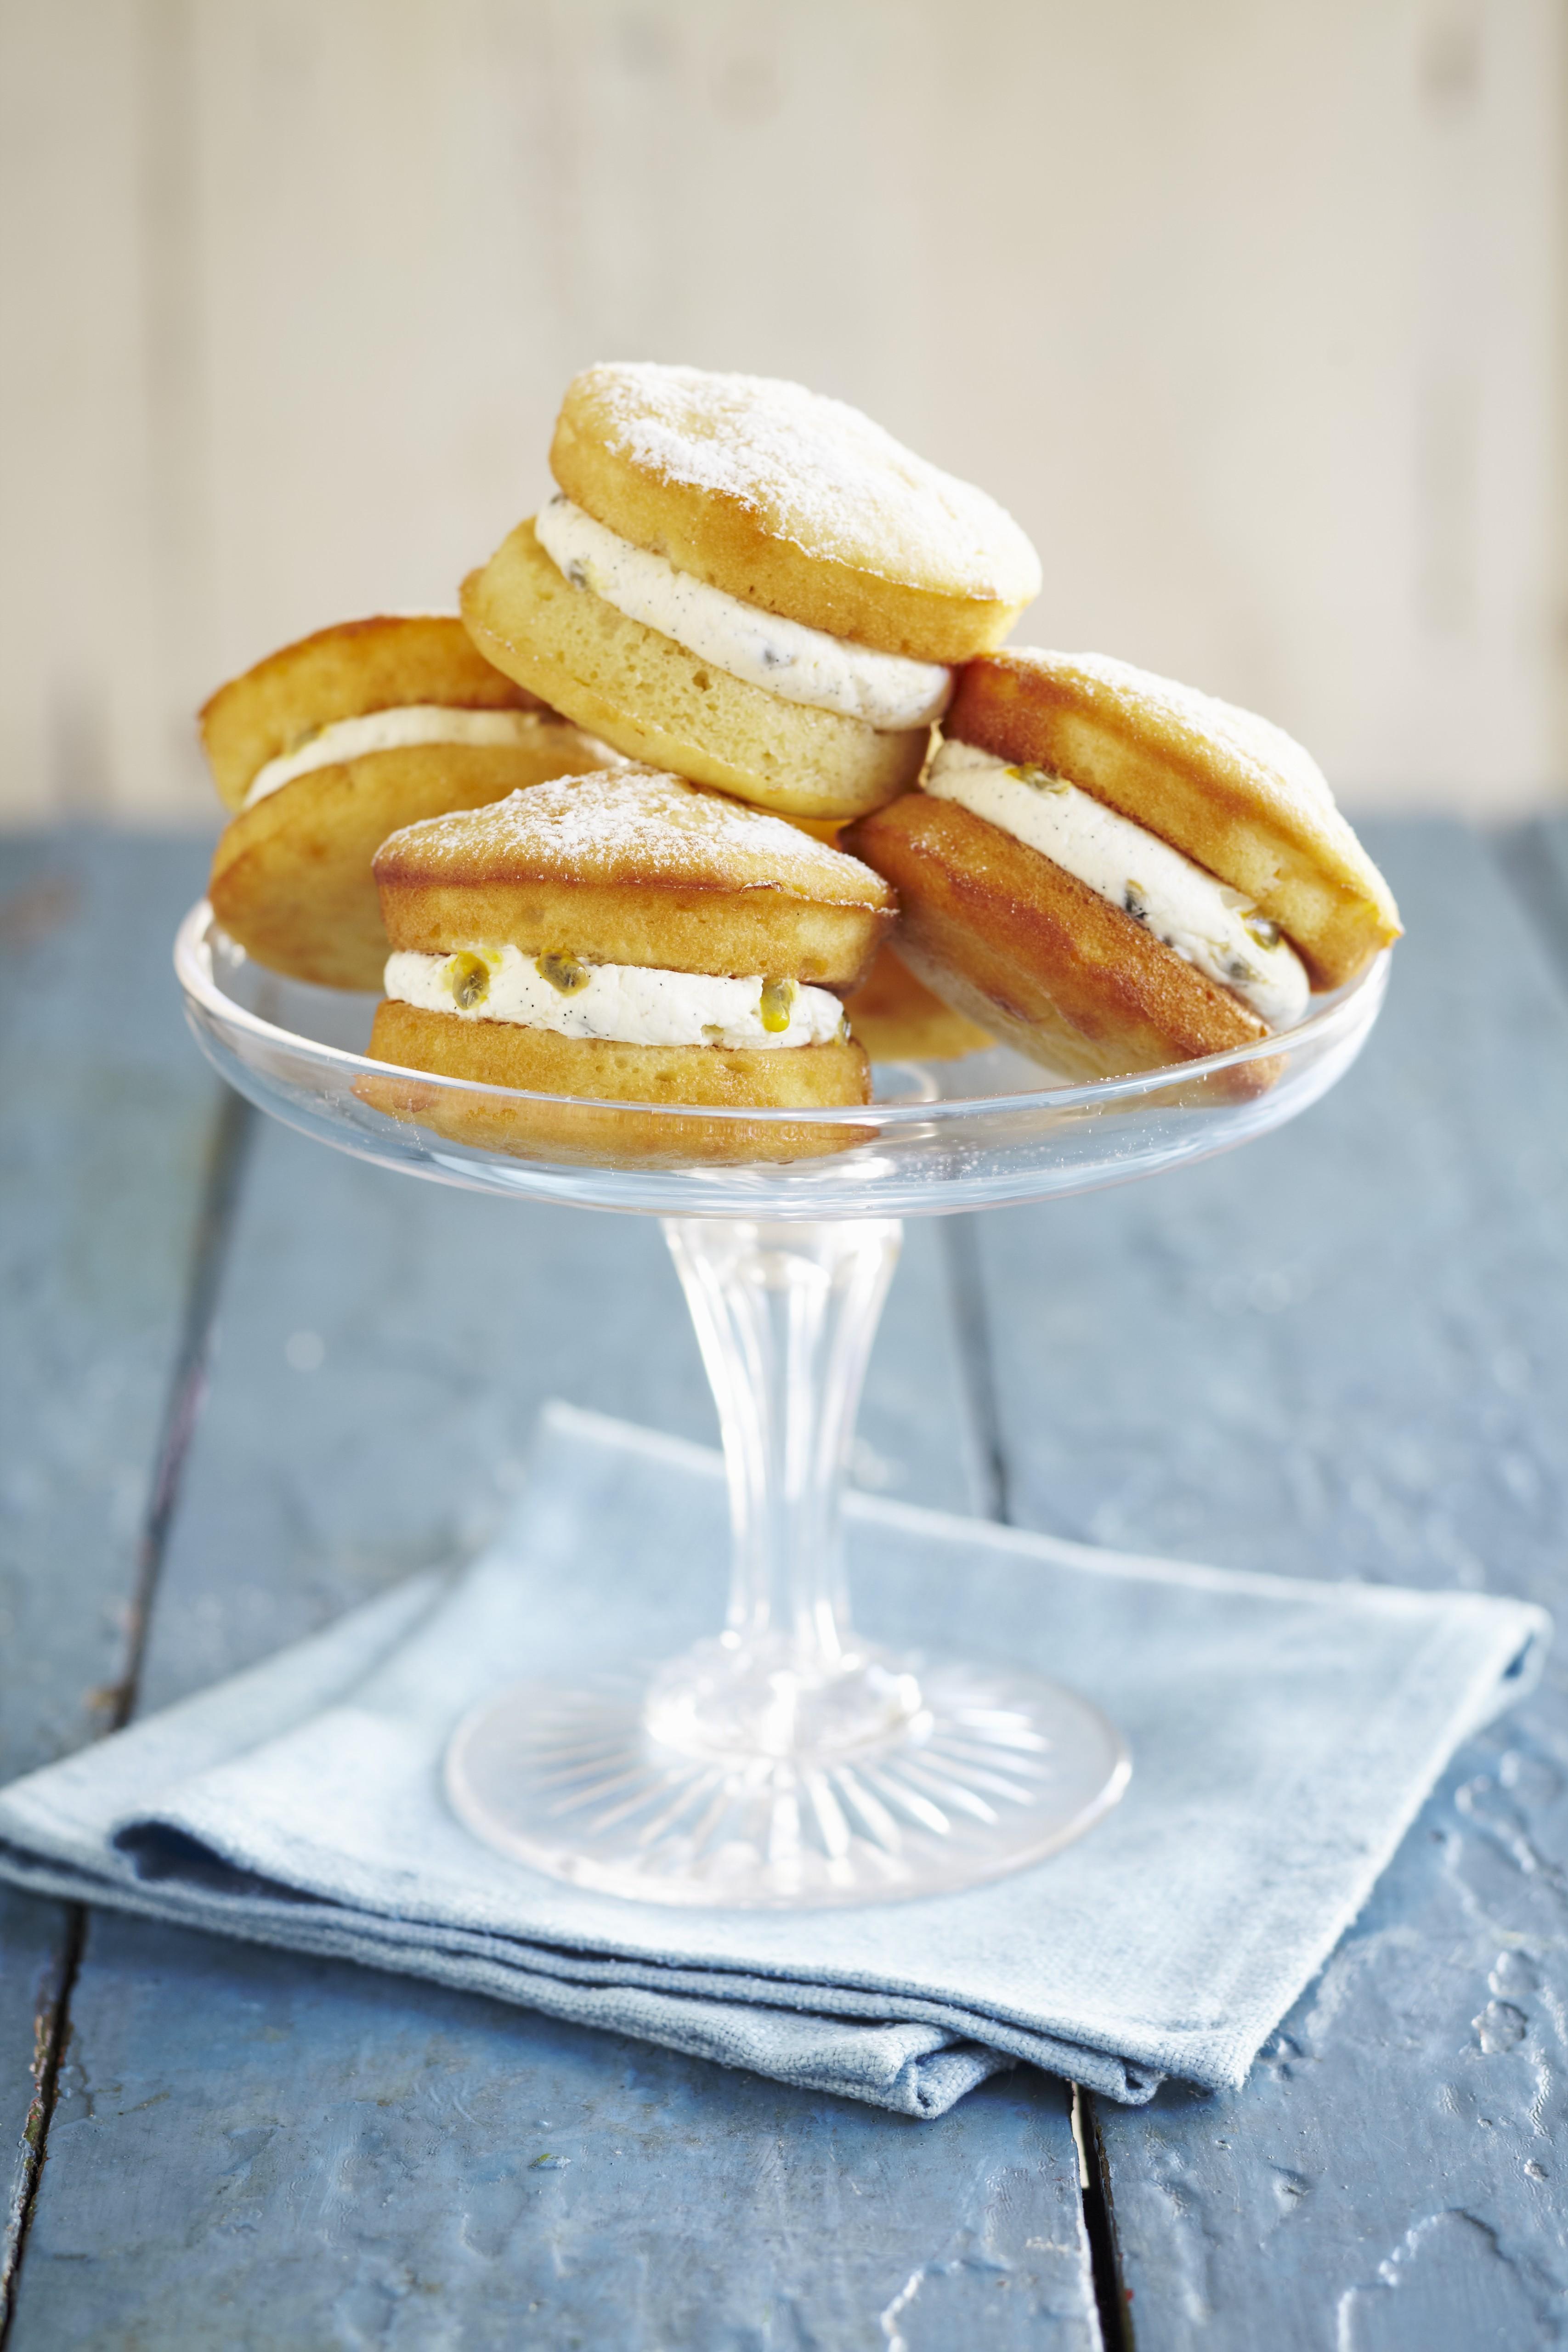 Individual Cream Filled Sponge Cakes